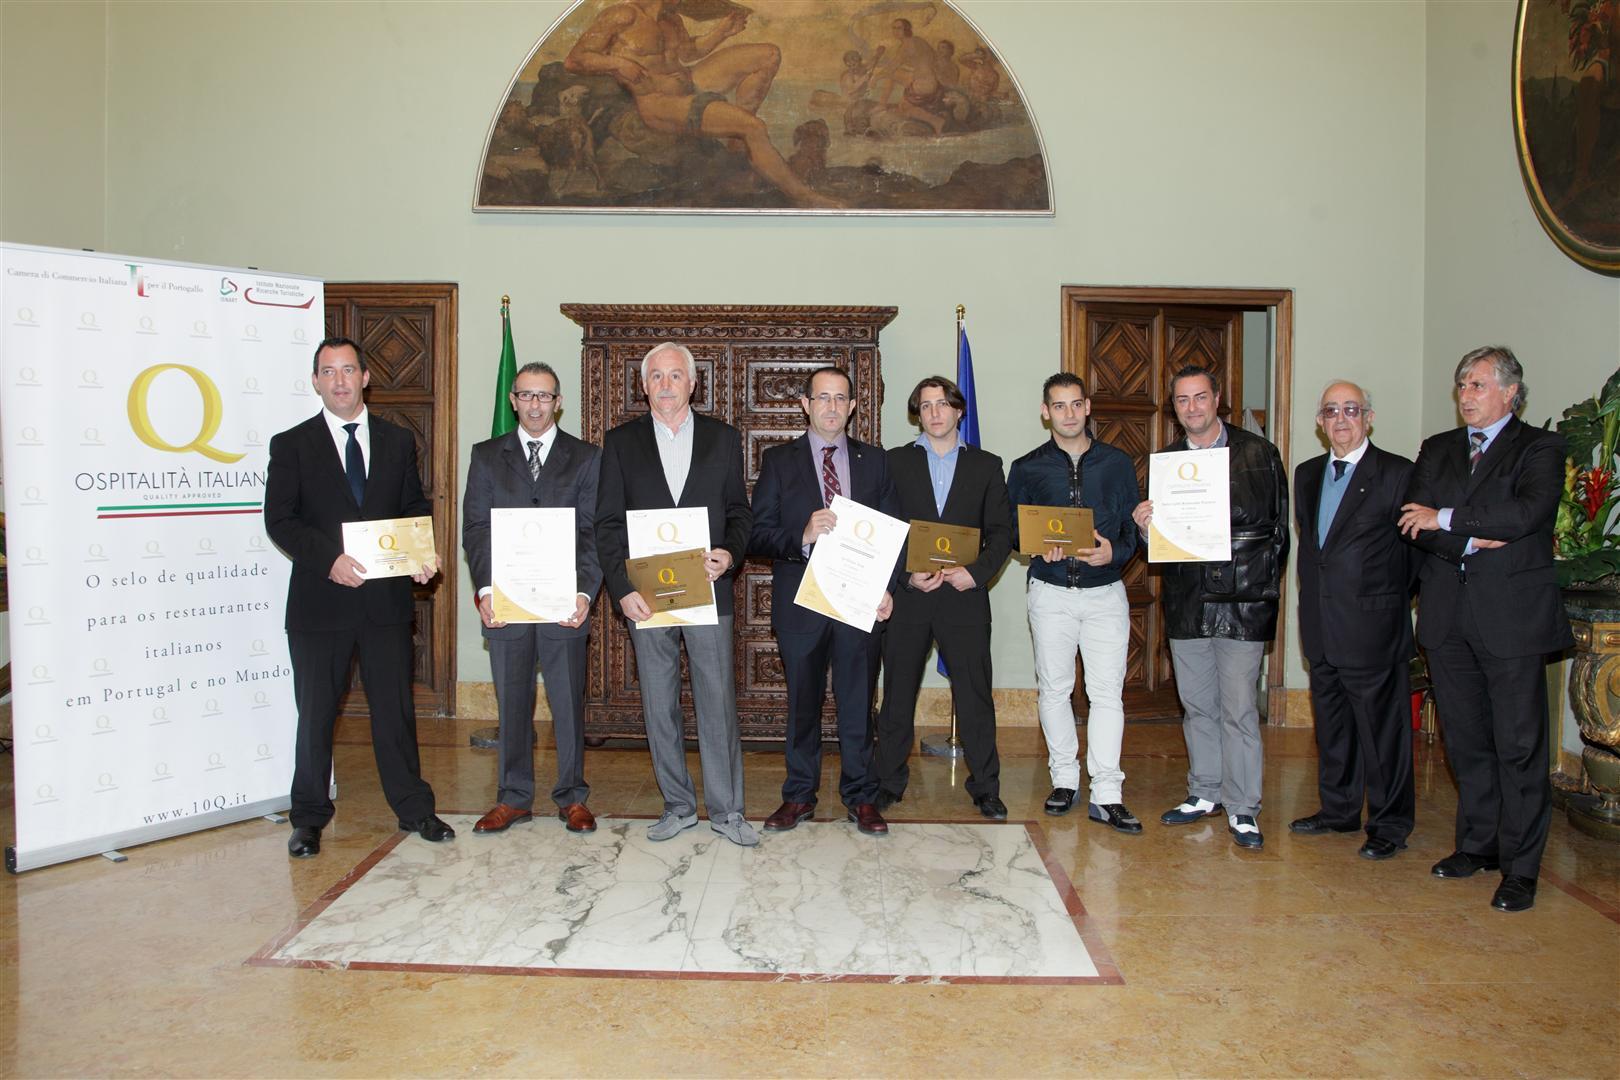 Ospitalità Italiana – Ristoranti Italiani nel Mondo - Ristoranti premiati in Portogallo ristoranti italiani a lisbona